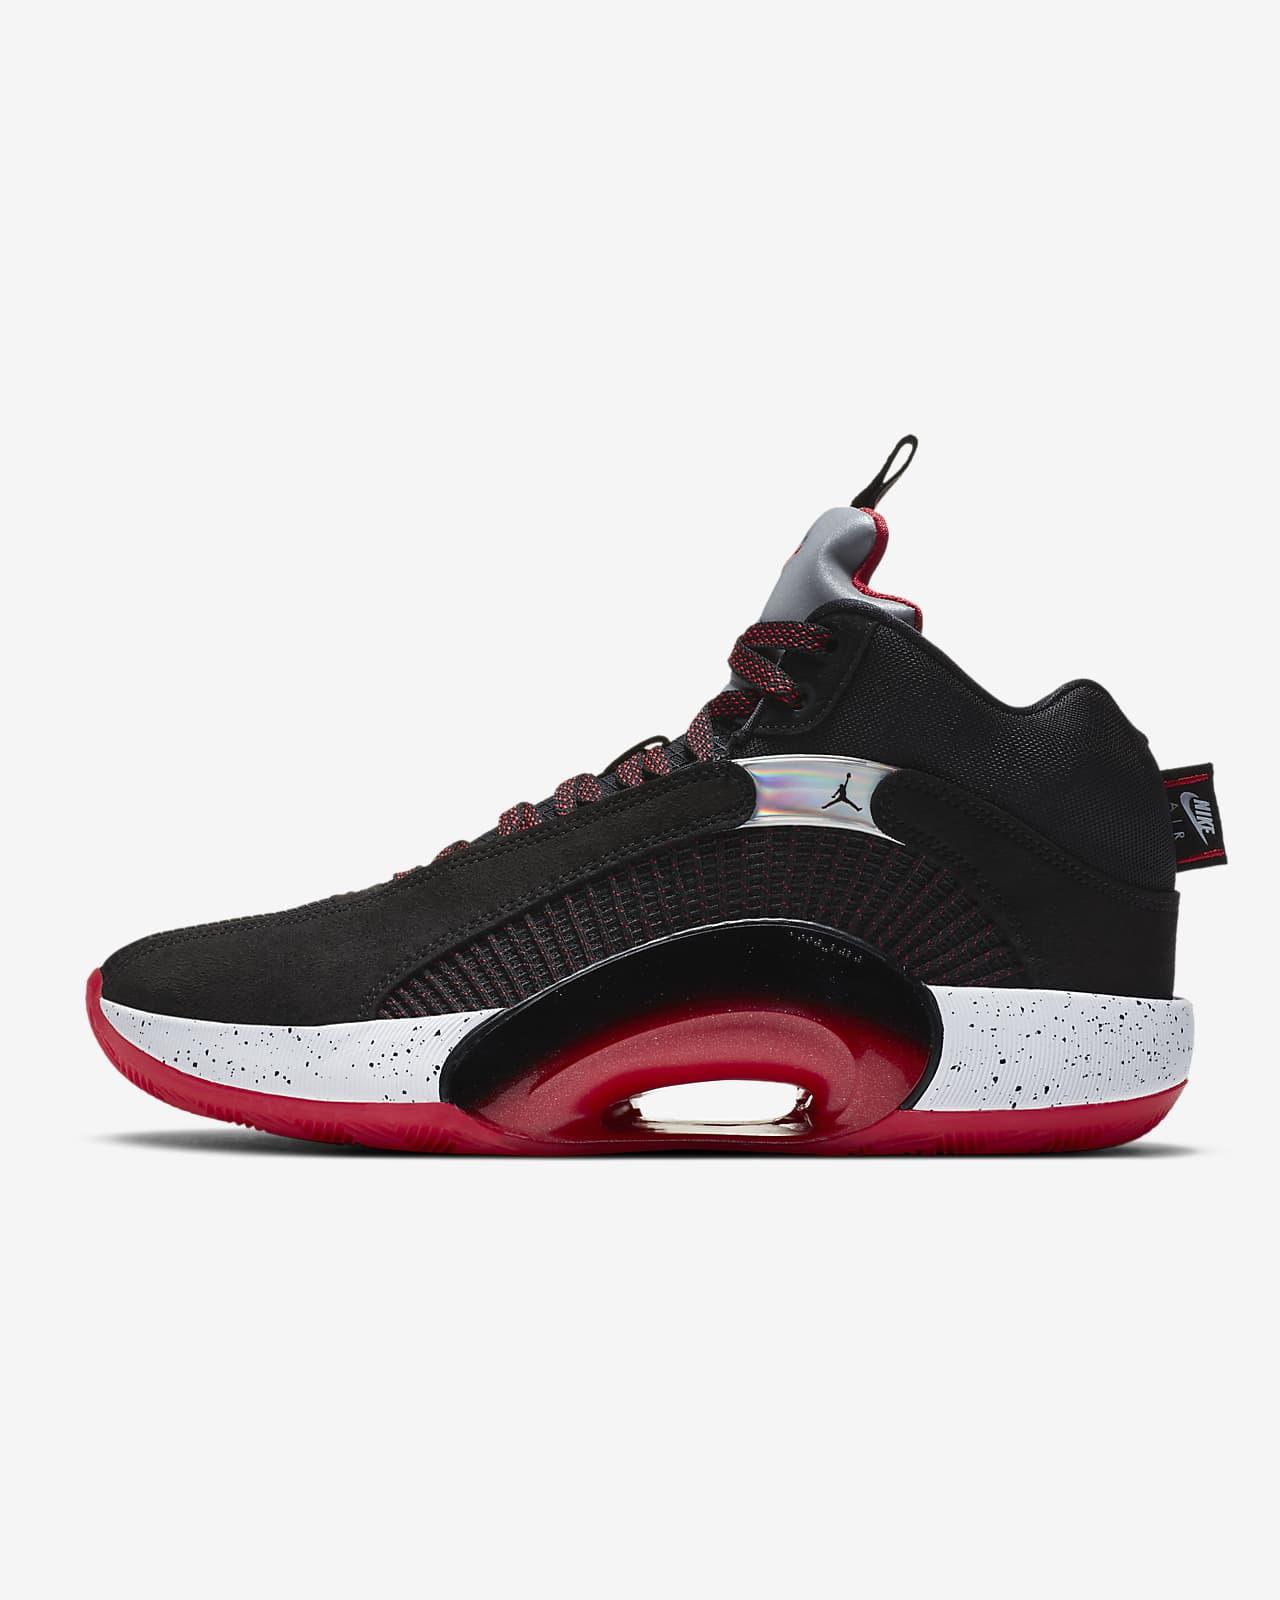 Chaussure de basketball Air Jordan XXXV